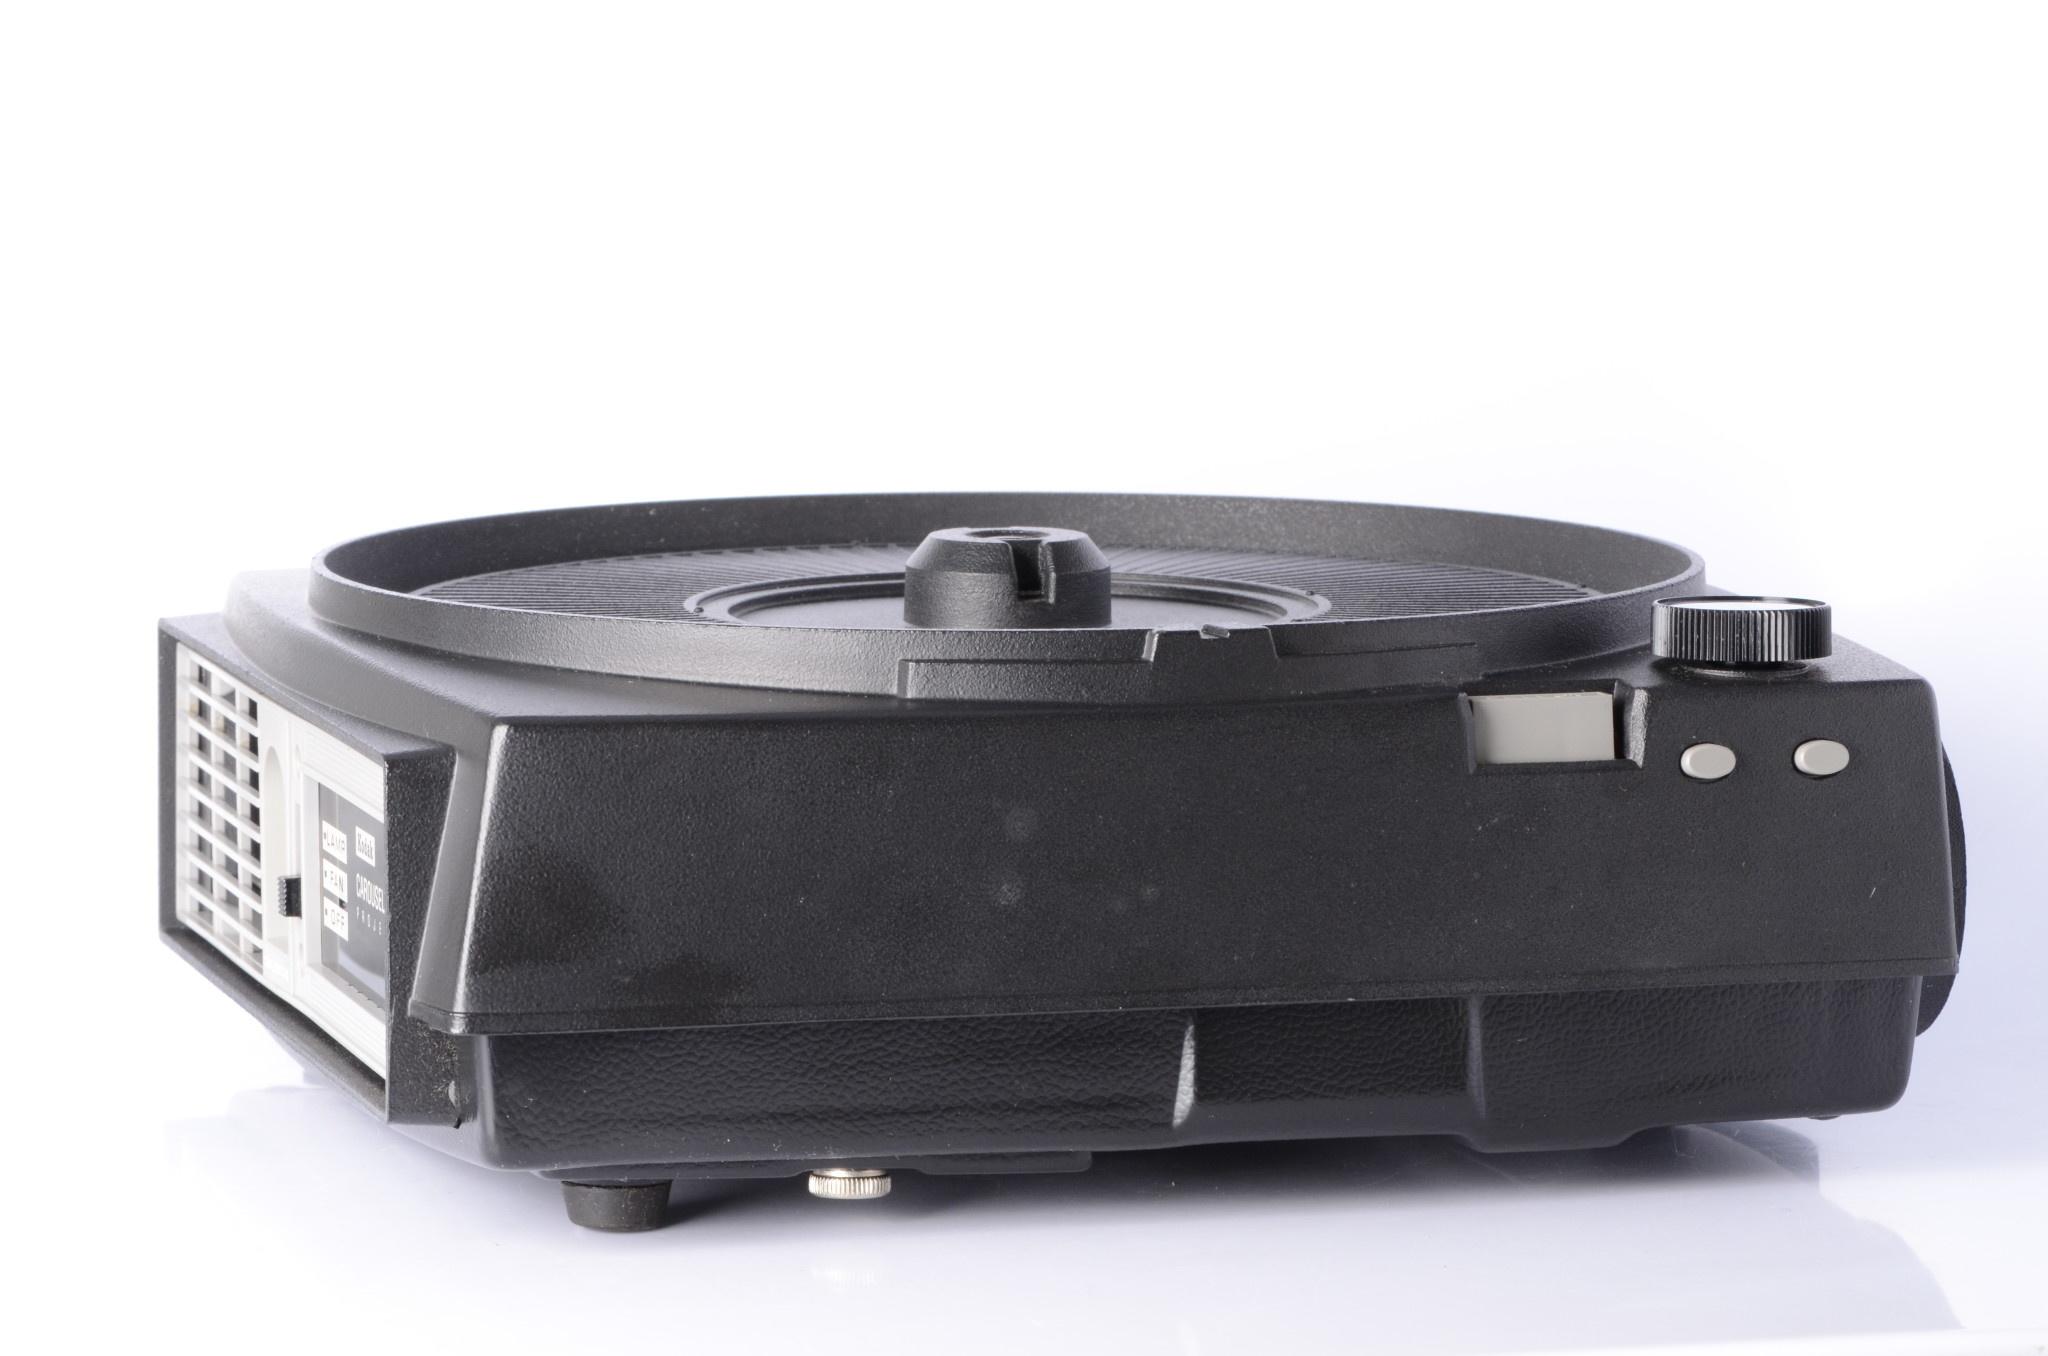 Kodak Kodak Carousel 760H Slide Projector